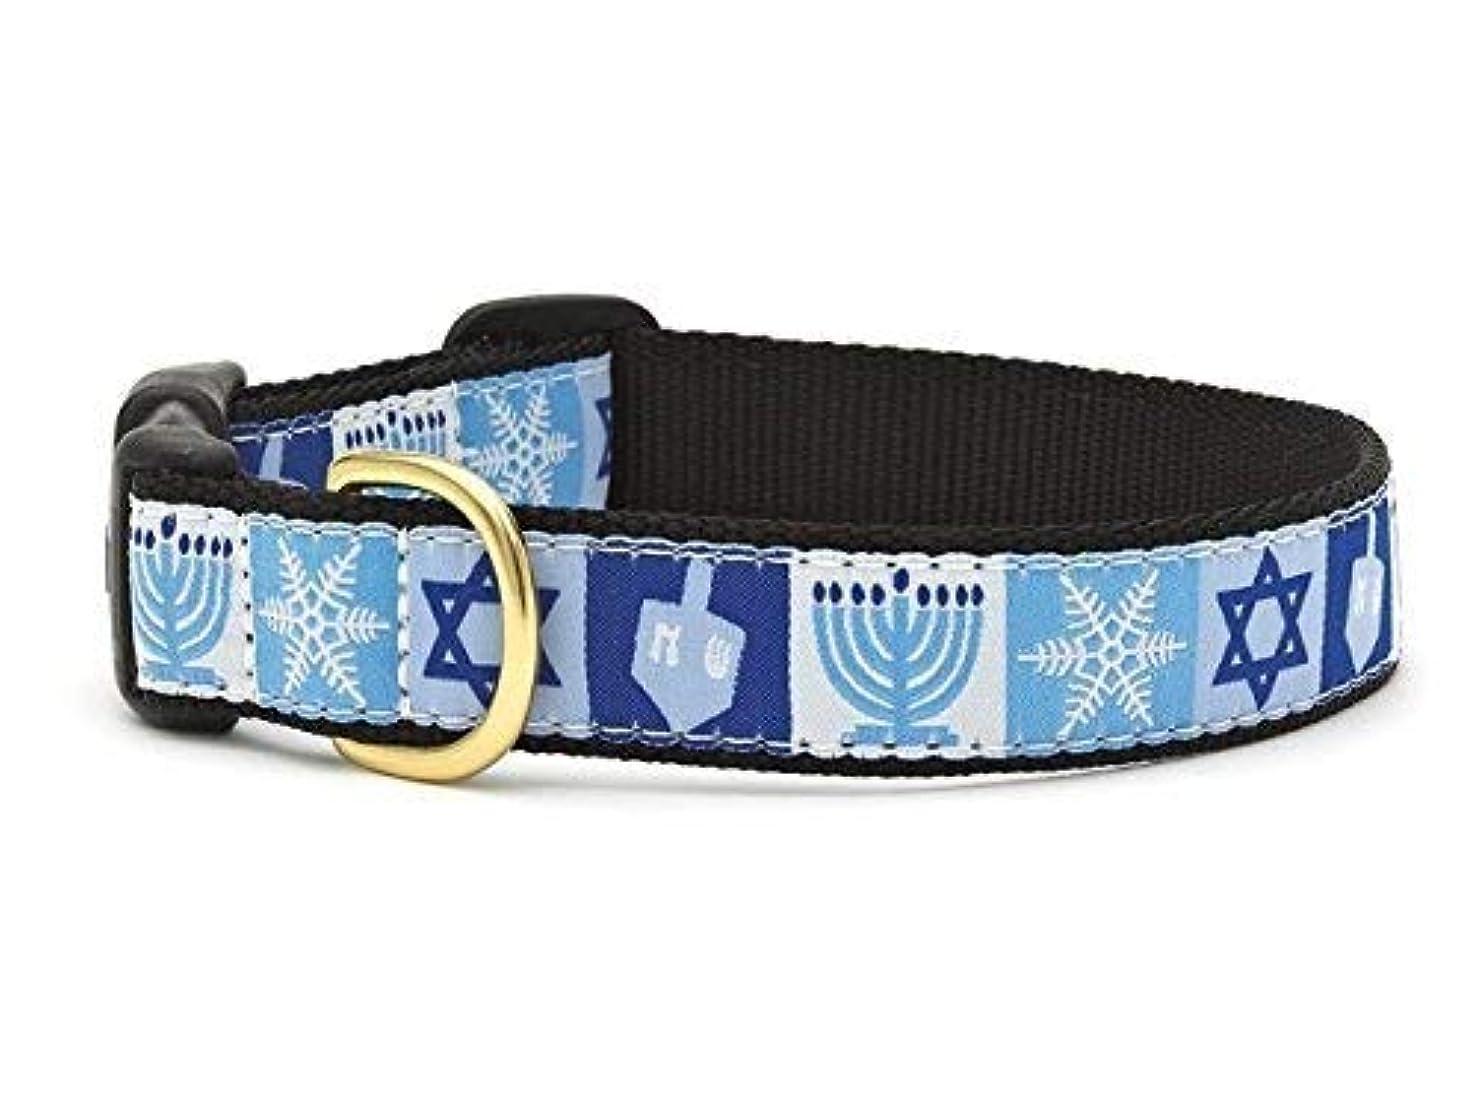 Up Country Hanukkah Holiday Dog Collar 1